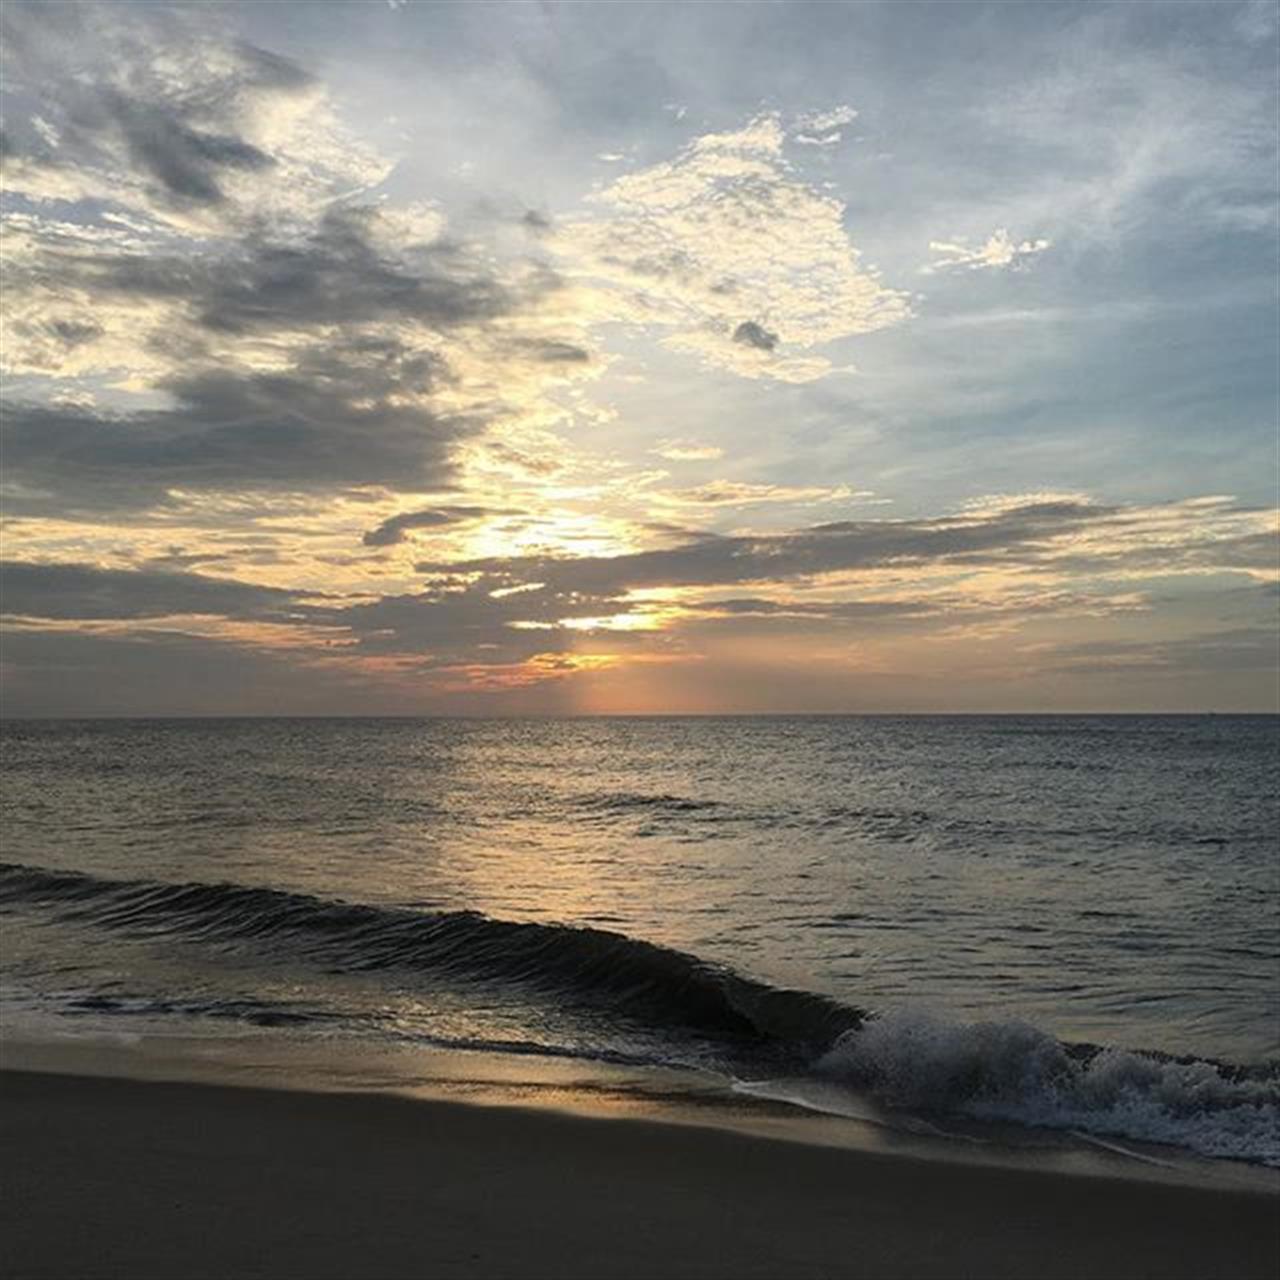 Good morning!  #sunrise #nj #beaches #jshn